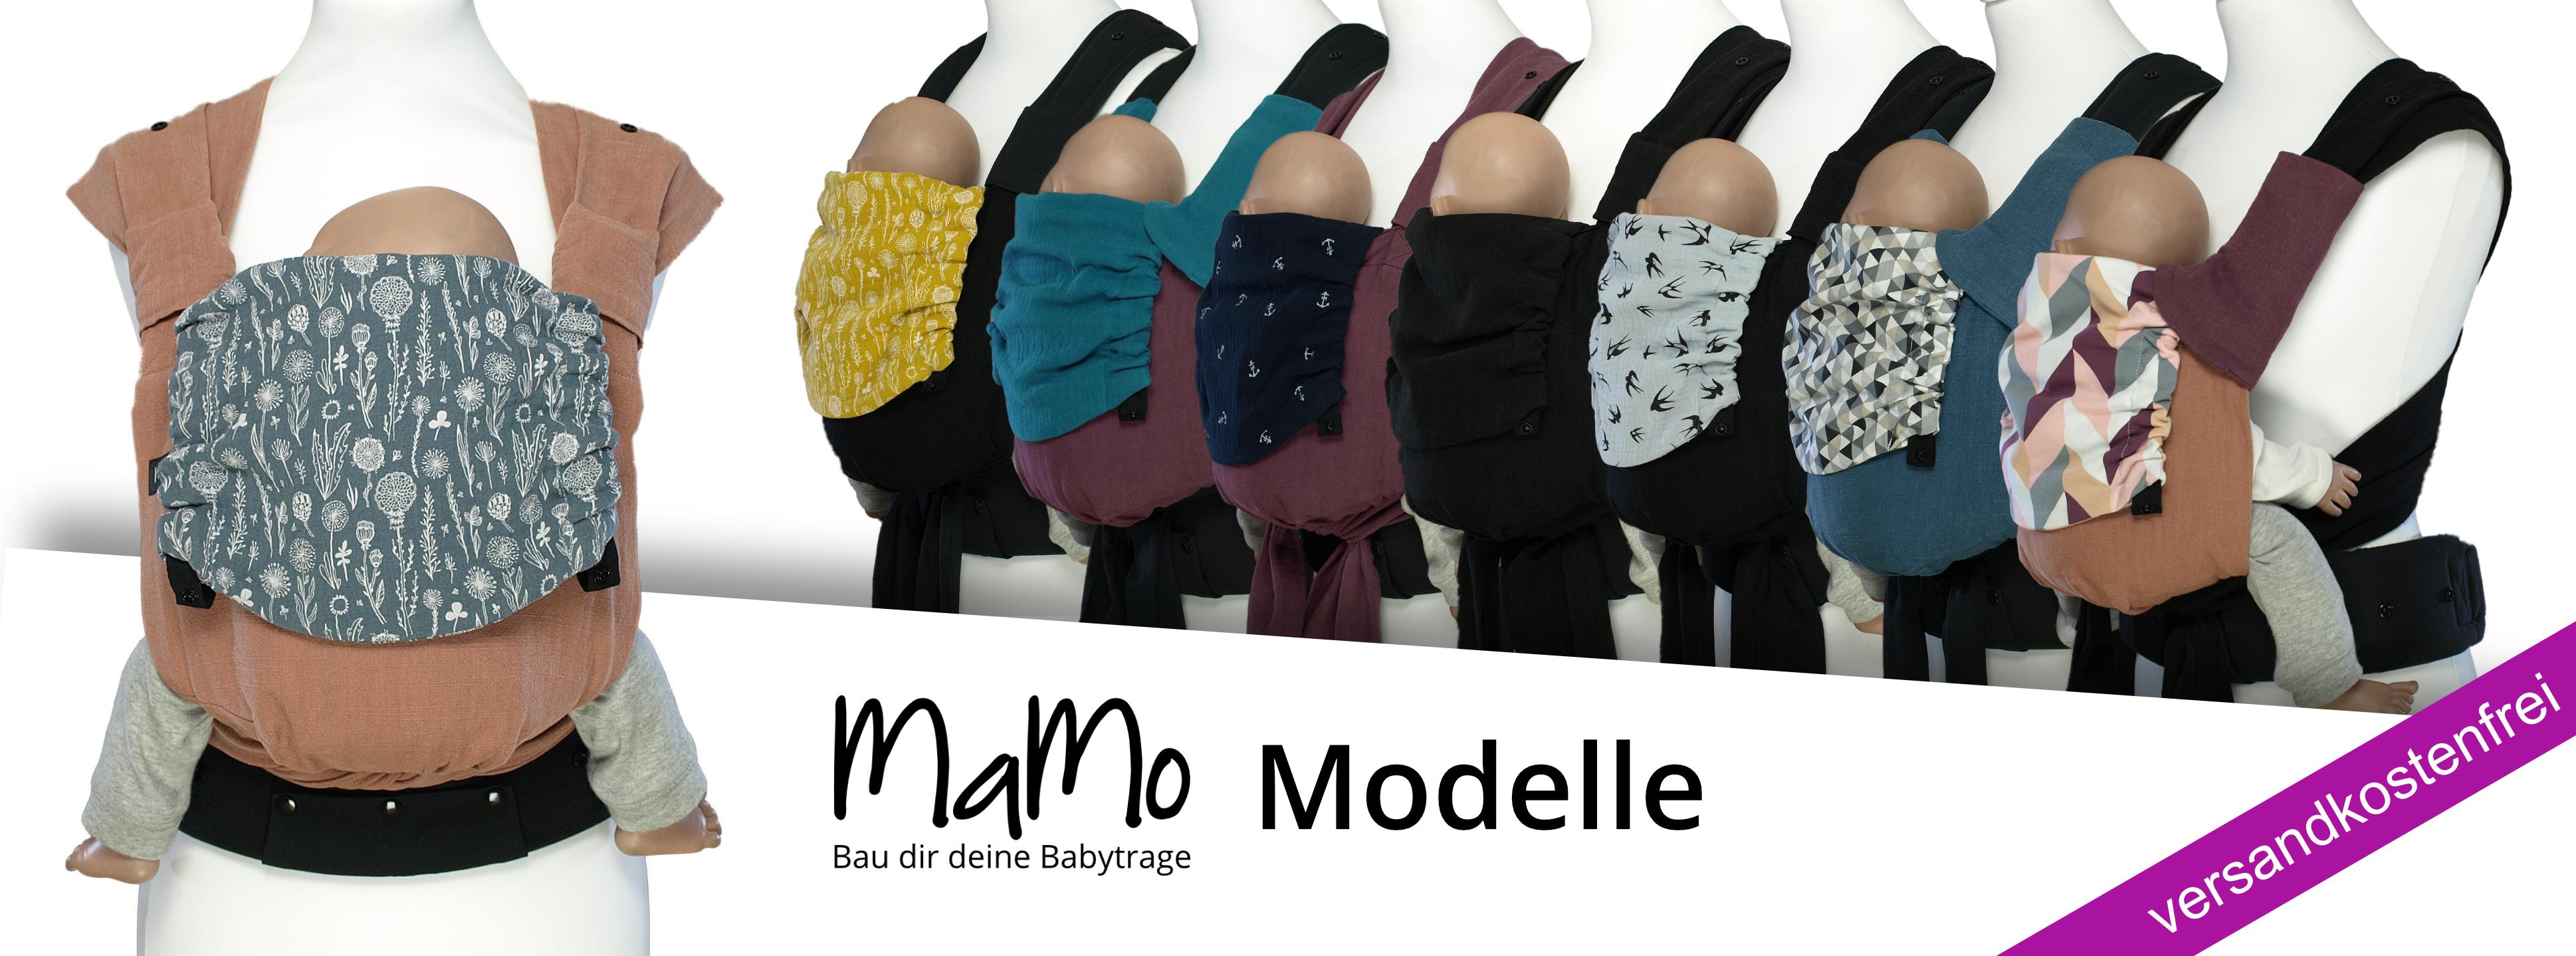 MaMo Modelle